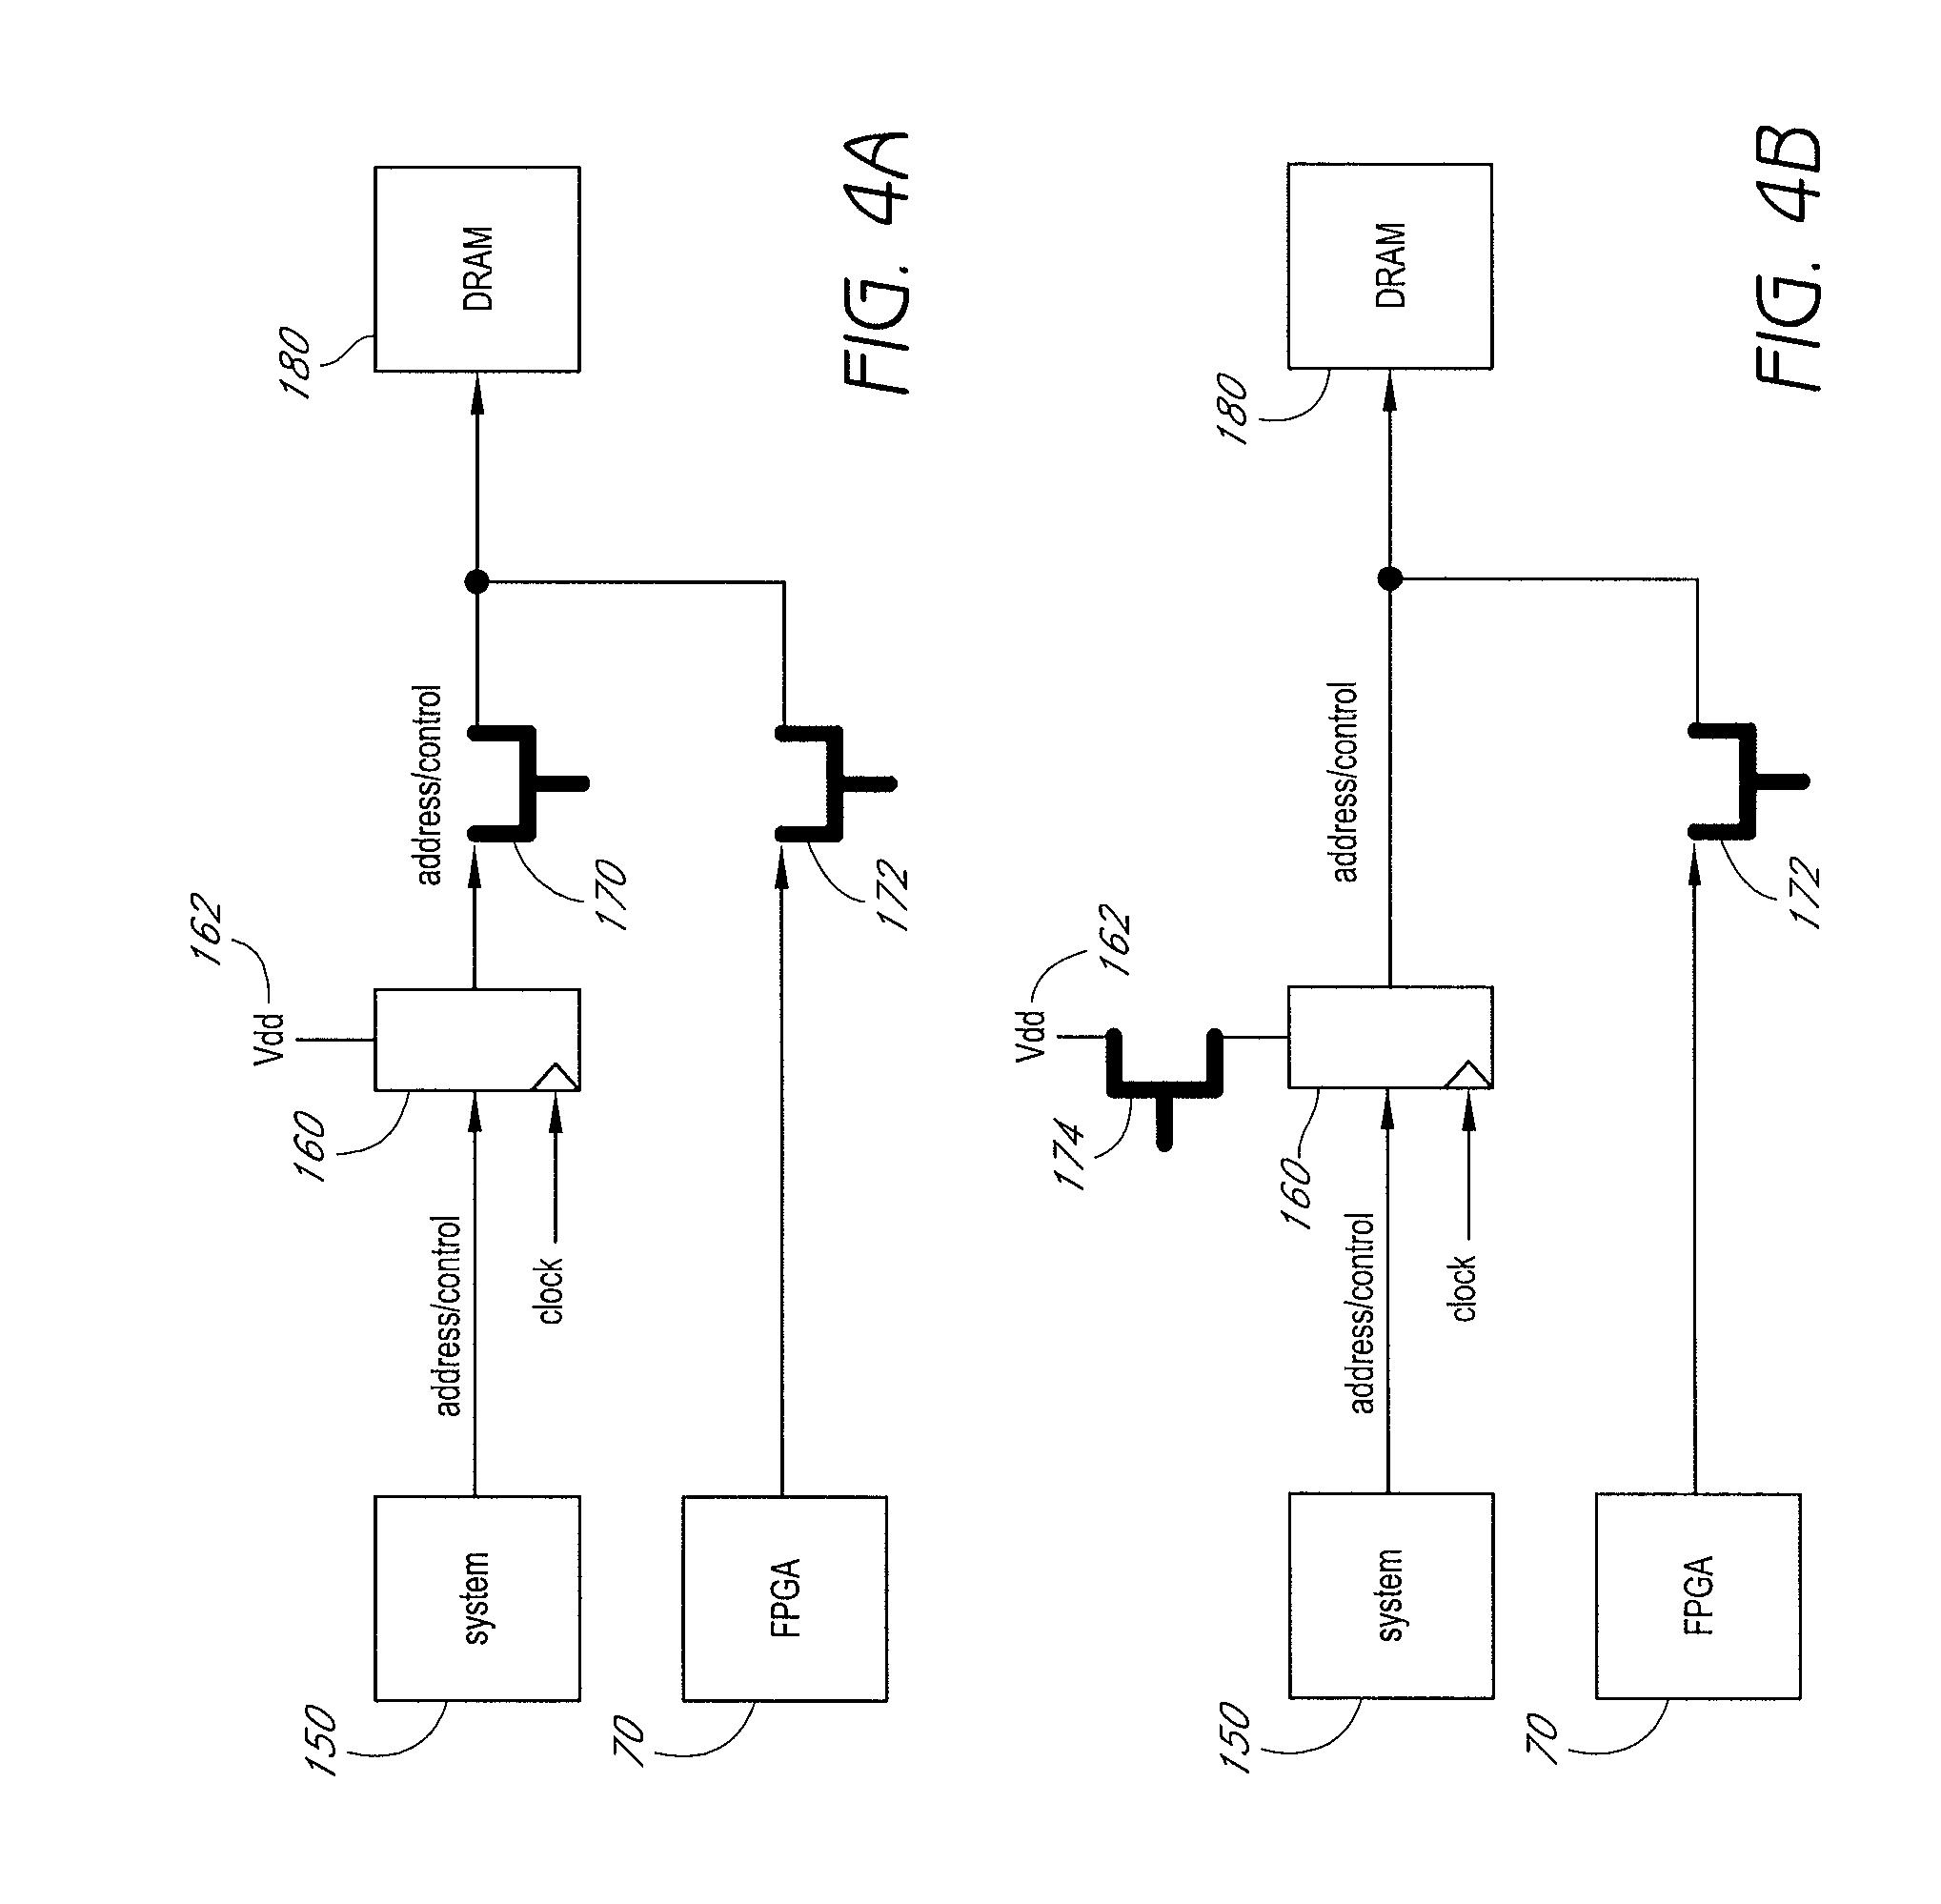 patent us8301833 - non-volatile memory module